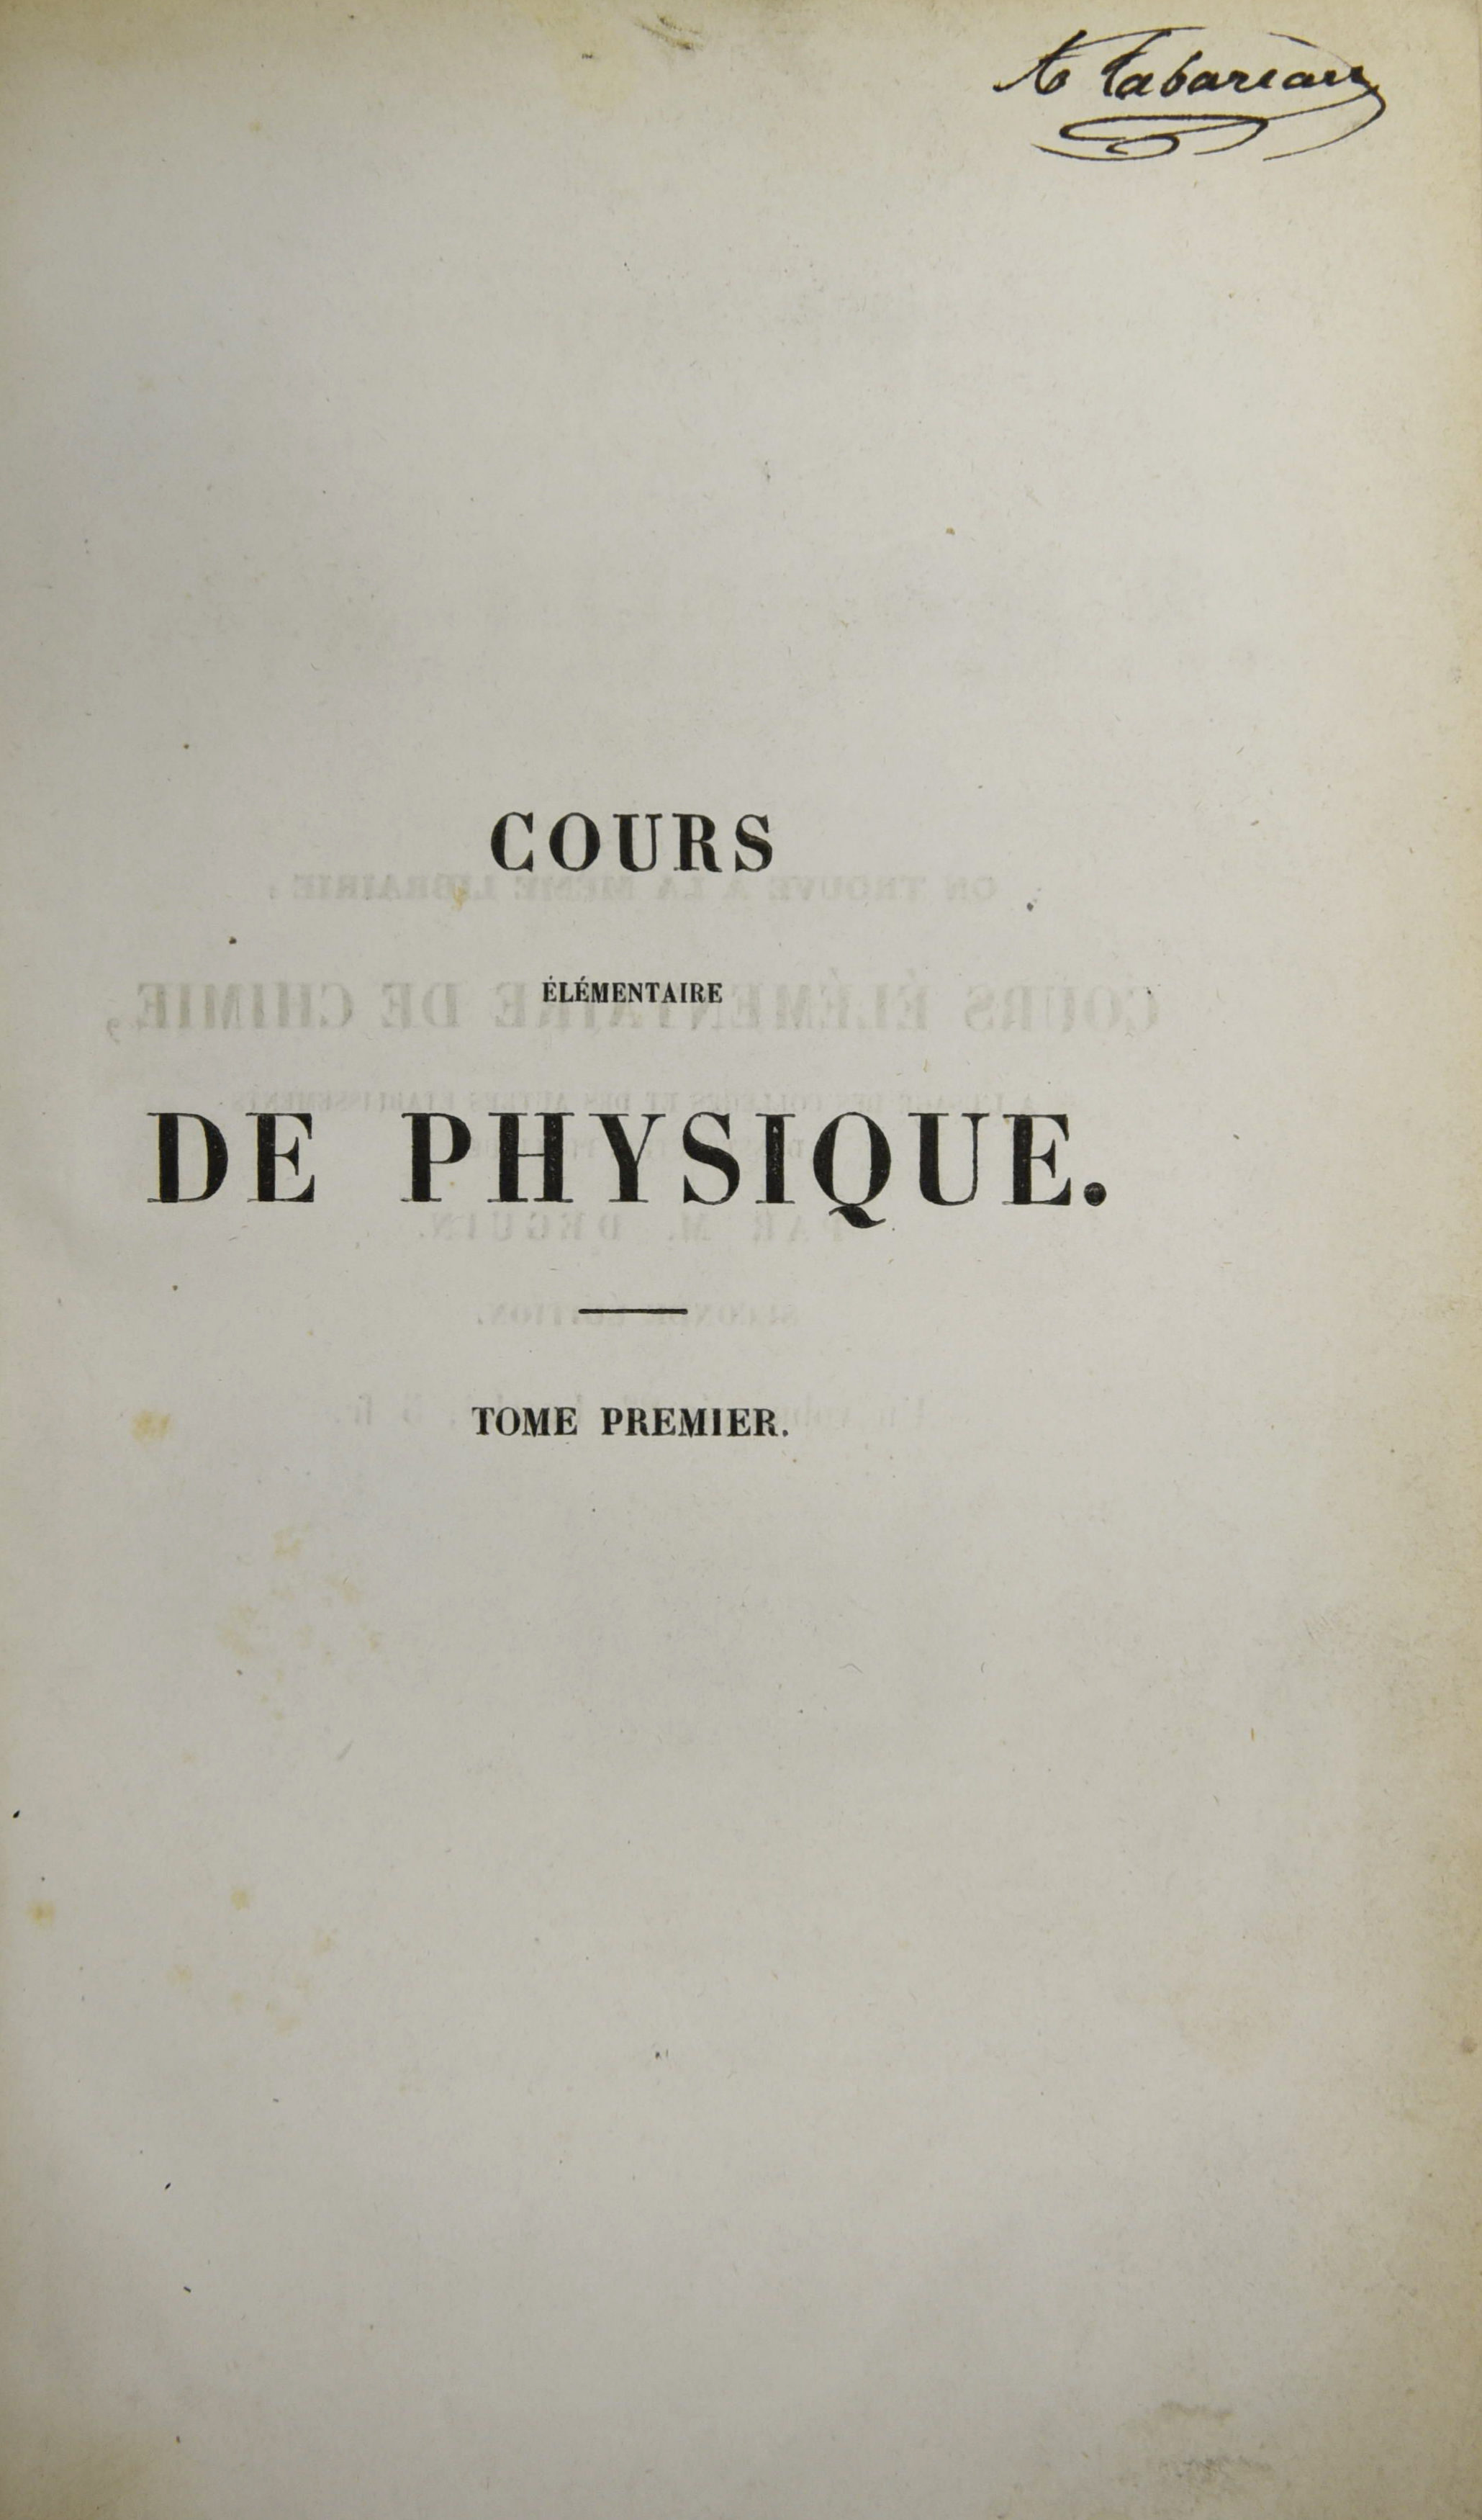 Cours elementaire de physique 1848_signature